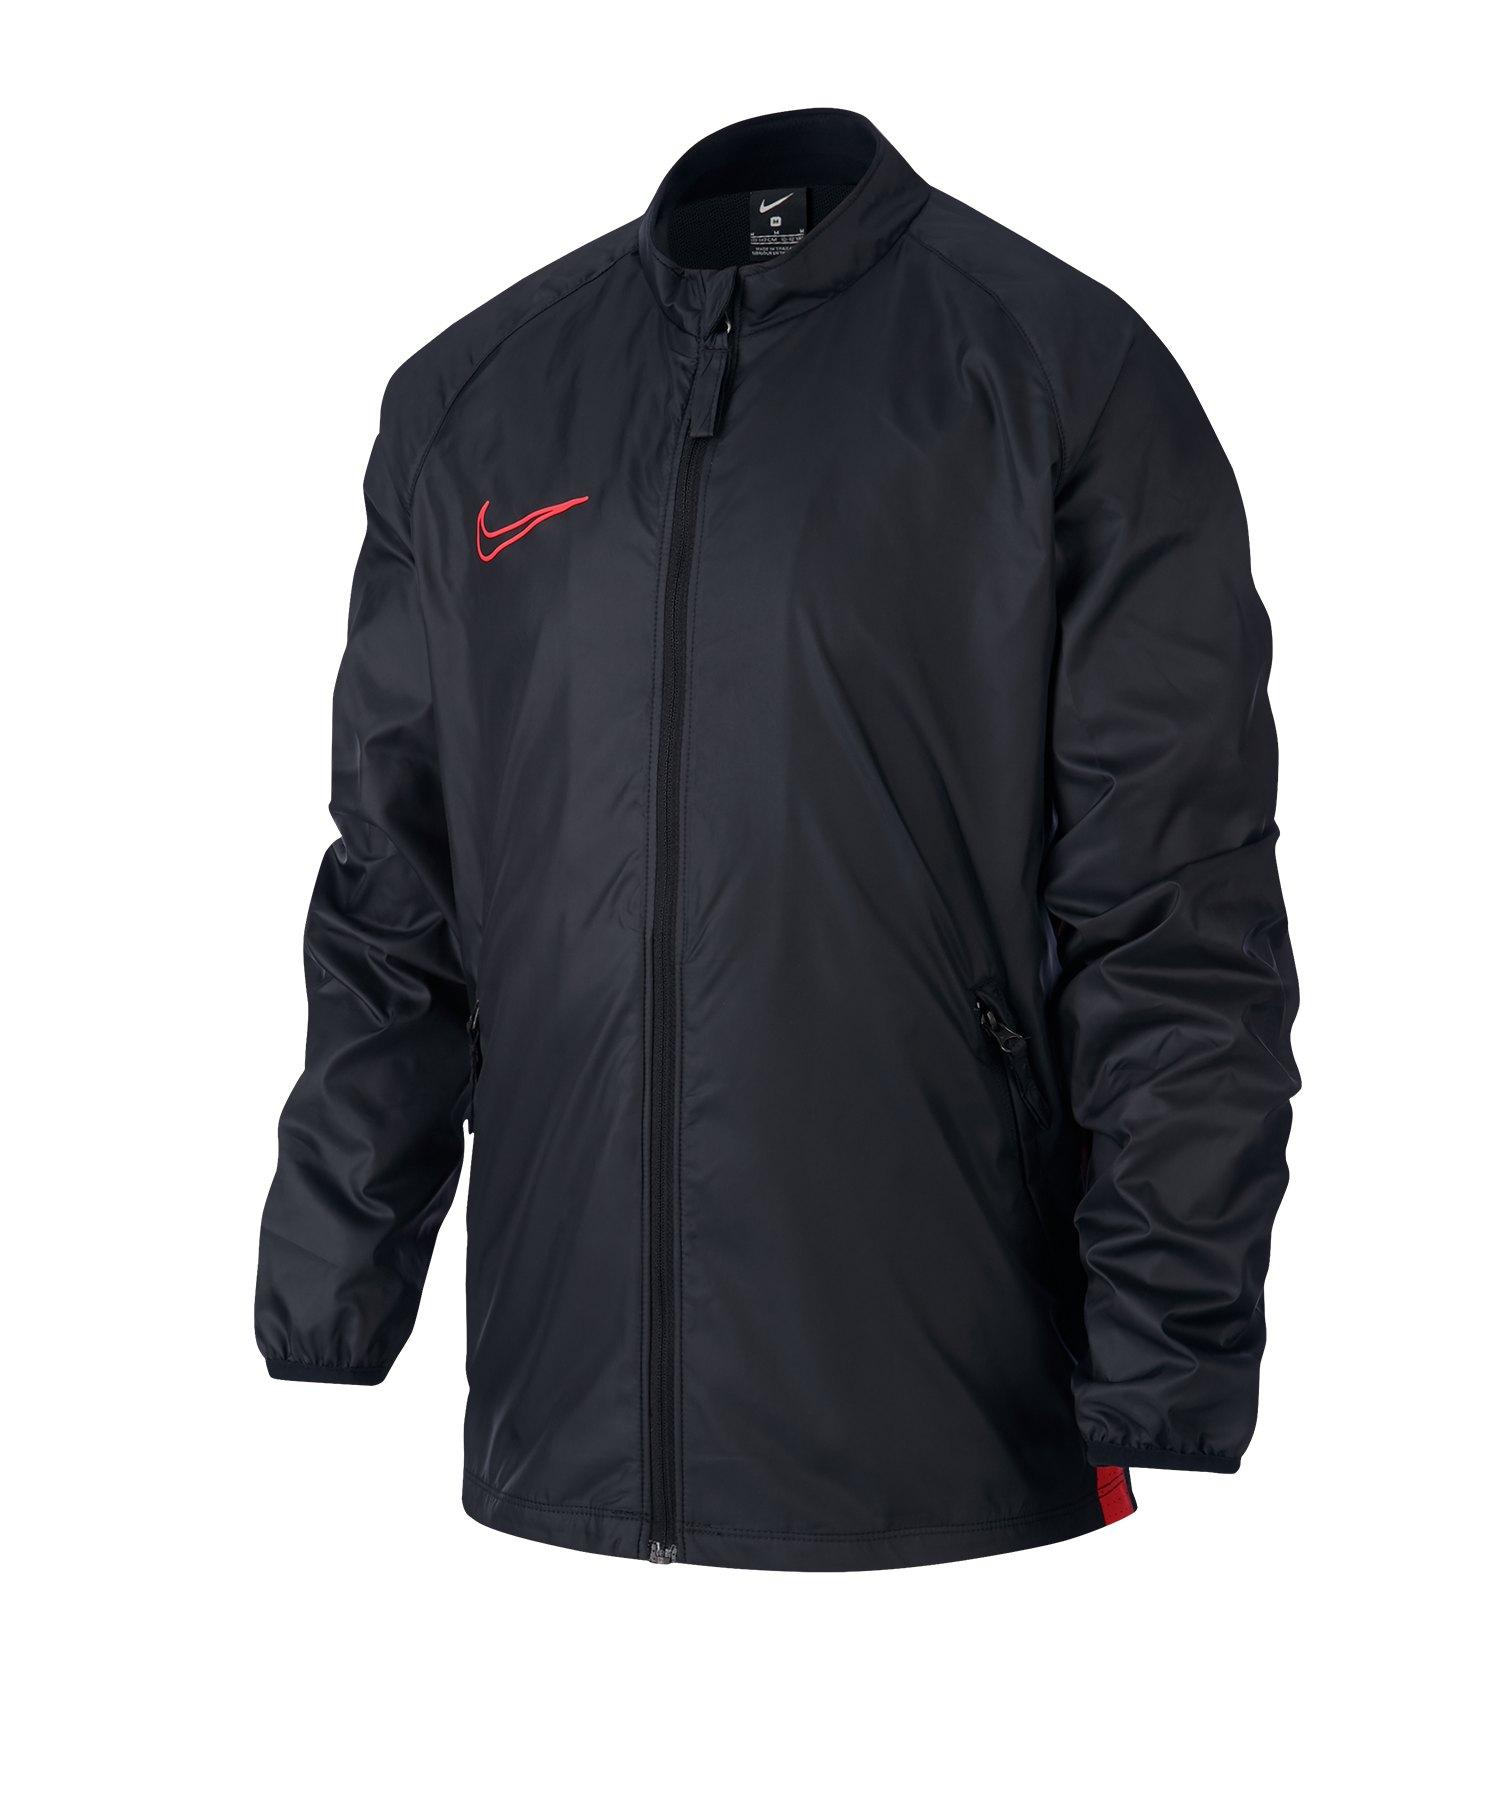 Nike Academy Repel Jacke Kids Schwarz Rot F011 - schwarz